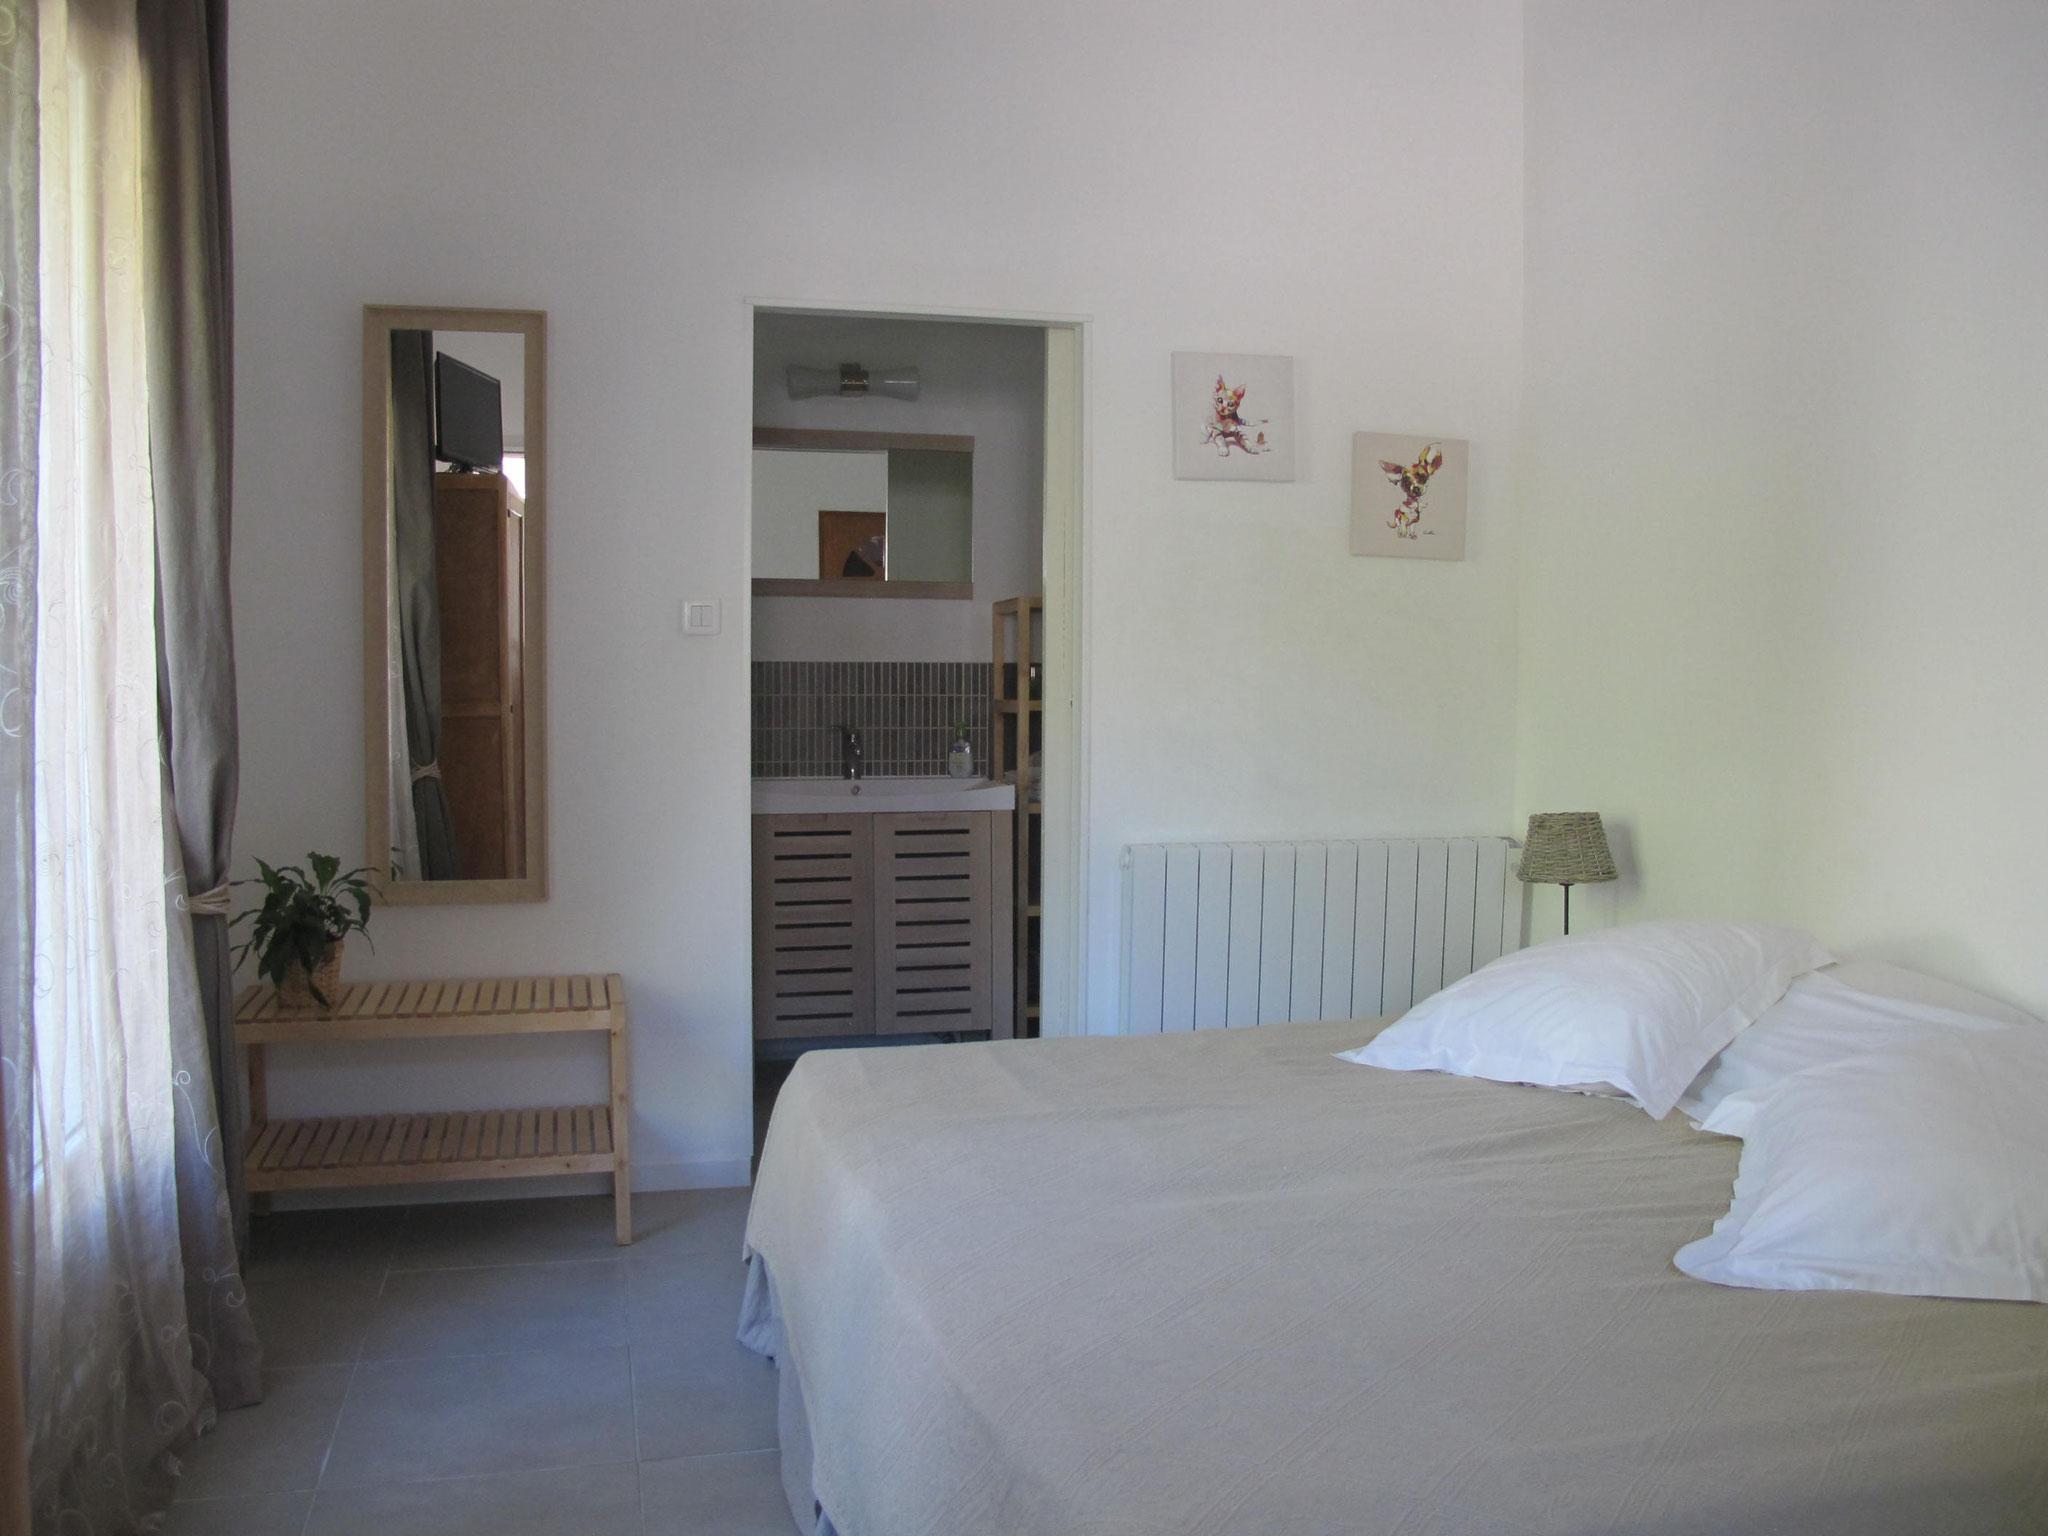 loucardaline-bedoin-ventoux-chambre d hotes-vaucluse-double ou twin classic